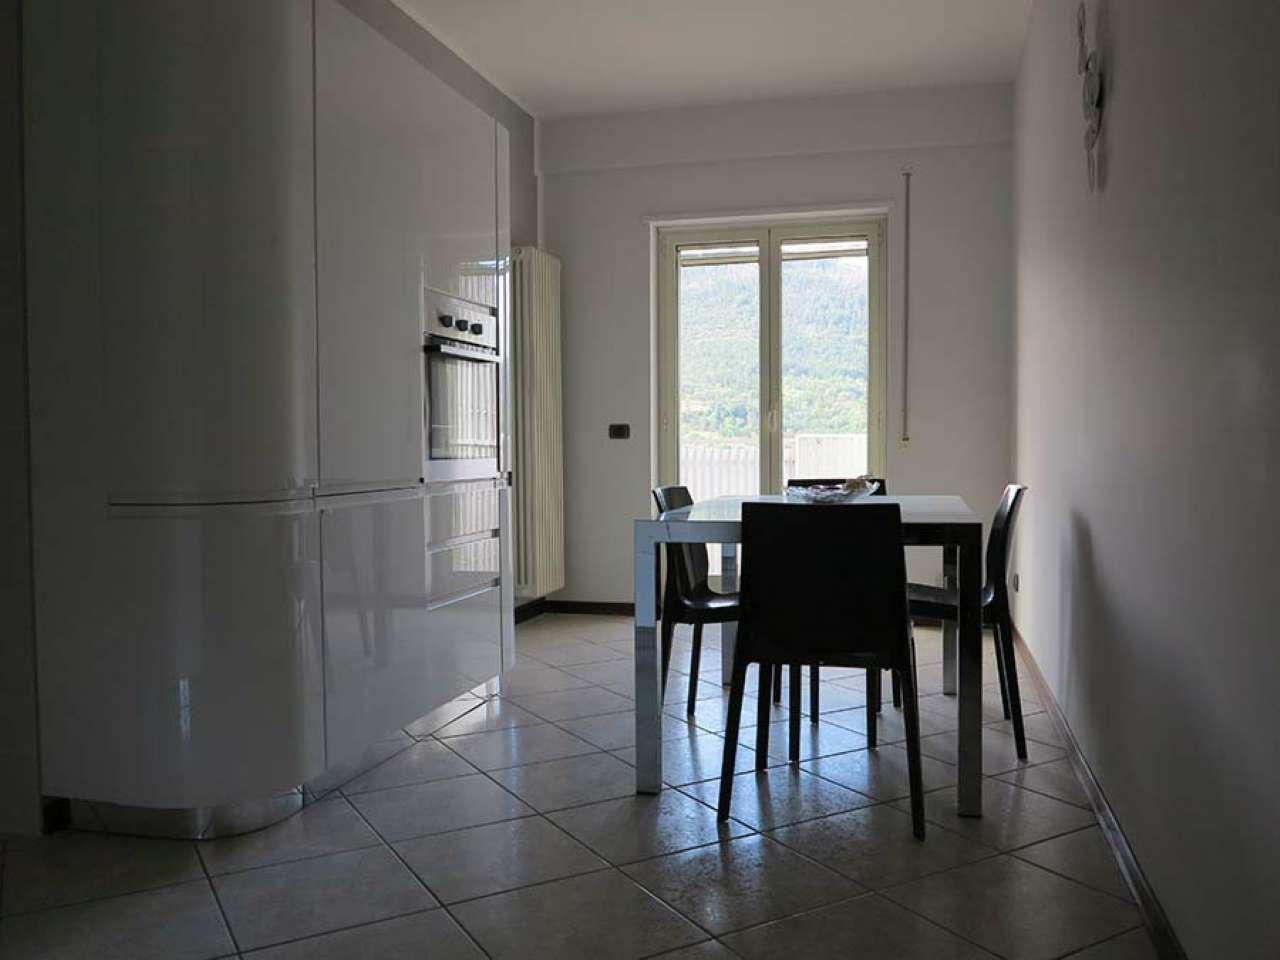 Appartamento in vendita a L'Aquila, 4 locali, prezzo € 235.000 | CambioCasa.it